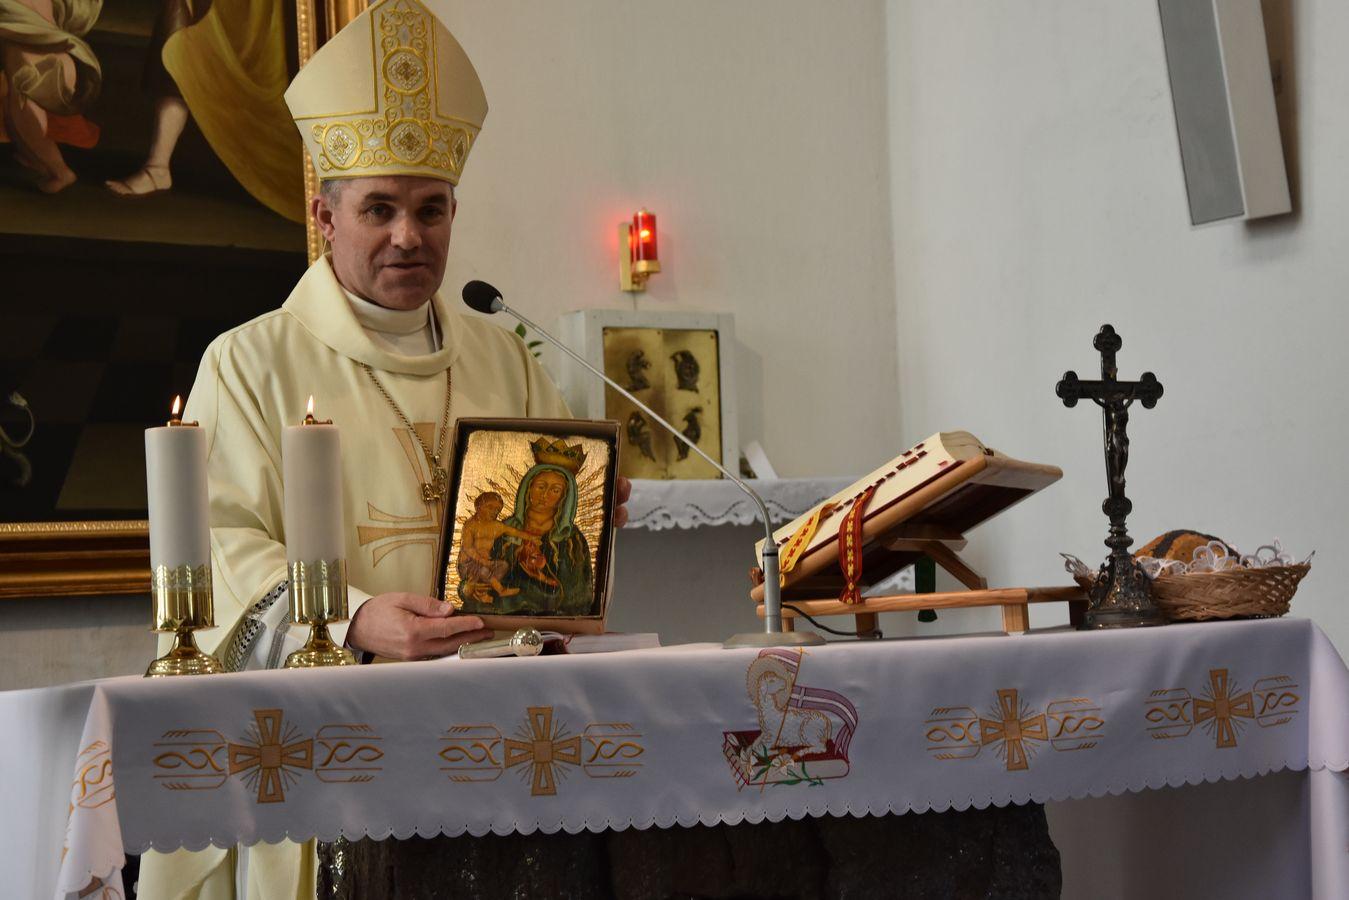 Msza św. w Kaplicy Królewskiej fot. J. Wikowski A31_7174